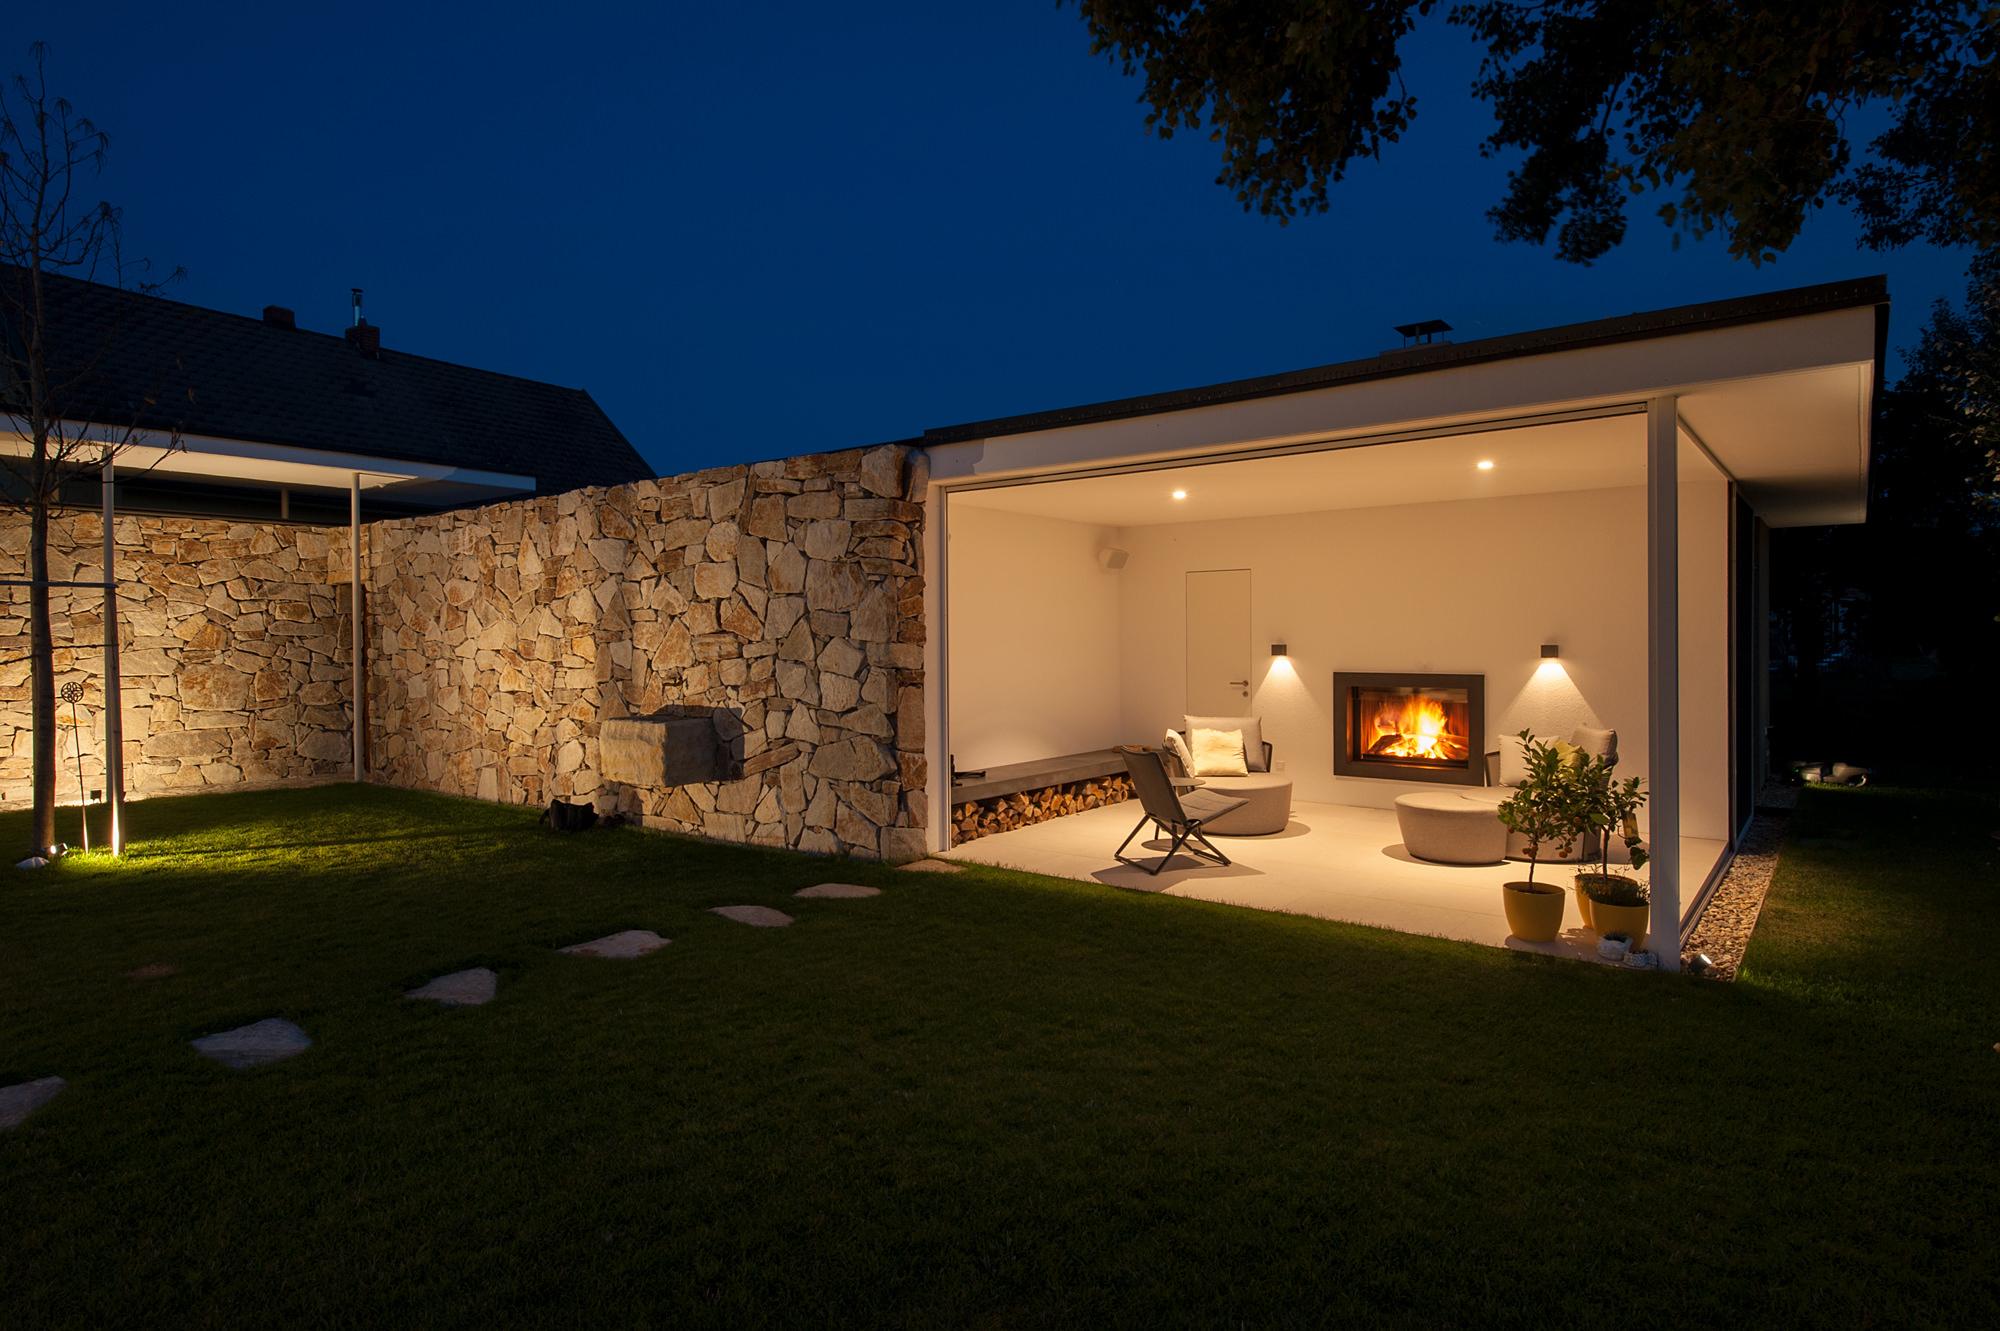 haus_LK_22_einfamilienhaus_im_seewinkel_burgenland_junger_beer_architektur